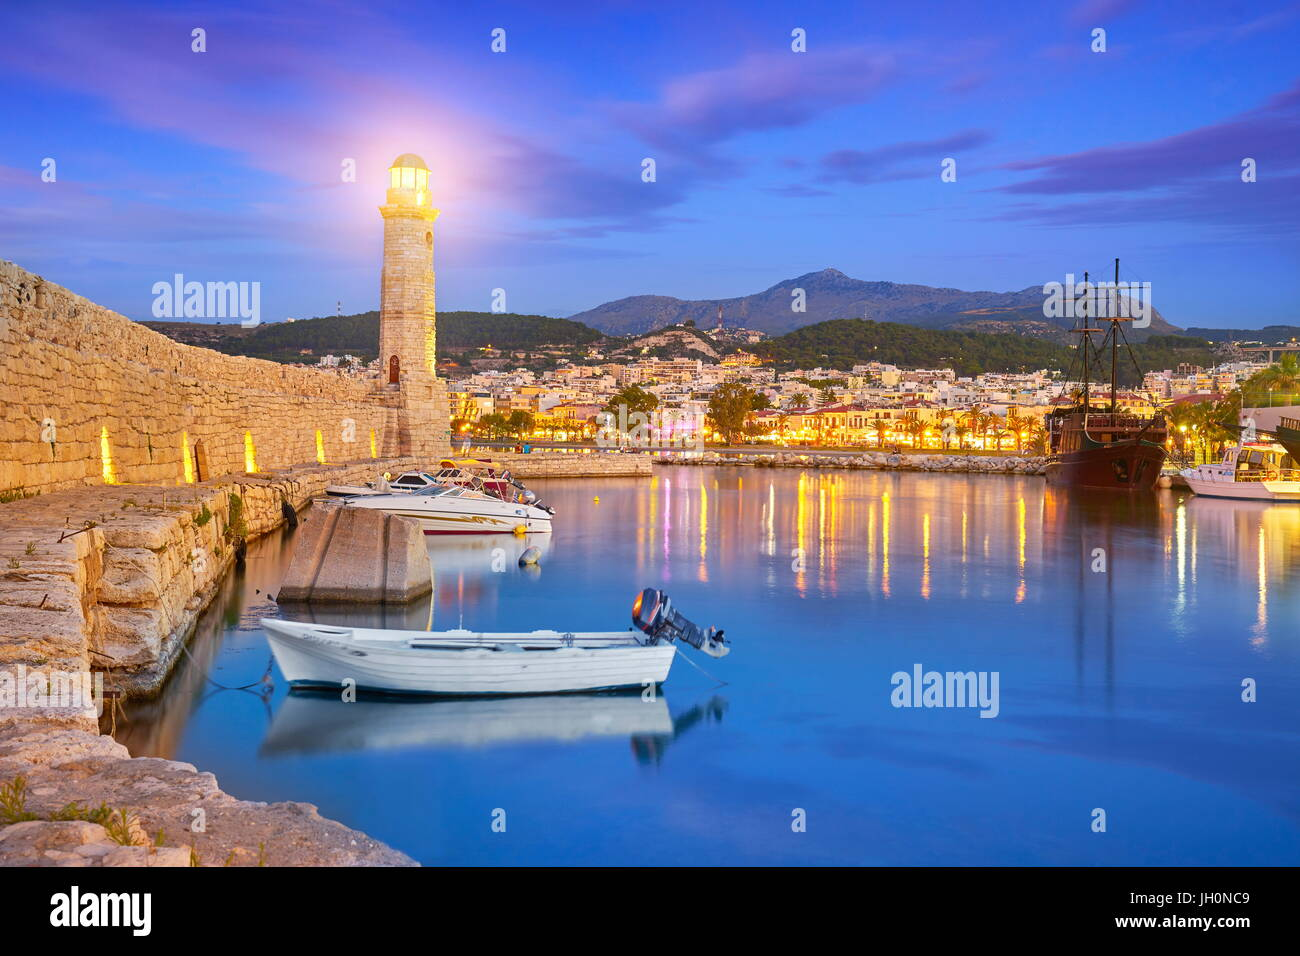 L'île de Crète - phare du vieux port vénitien, Rethymno, Grèce Photo Stock